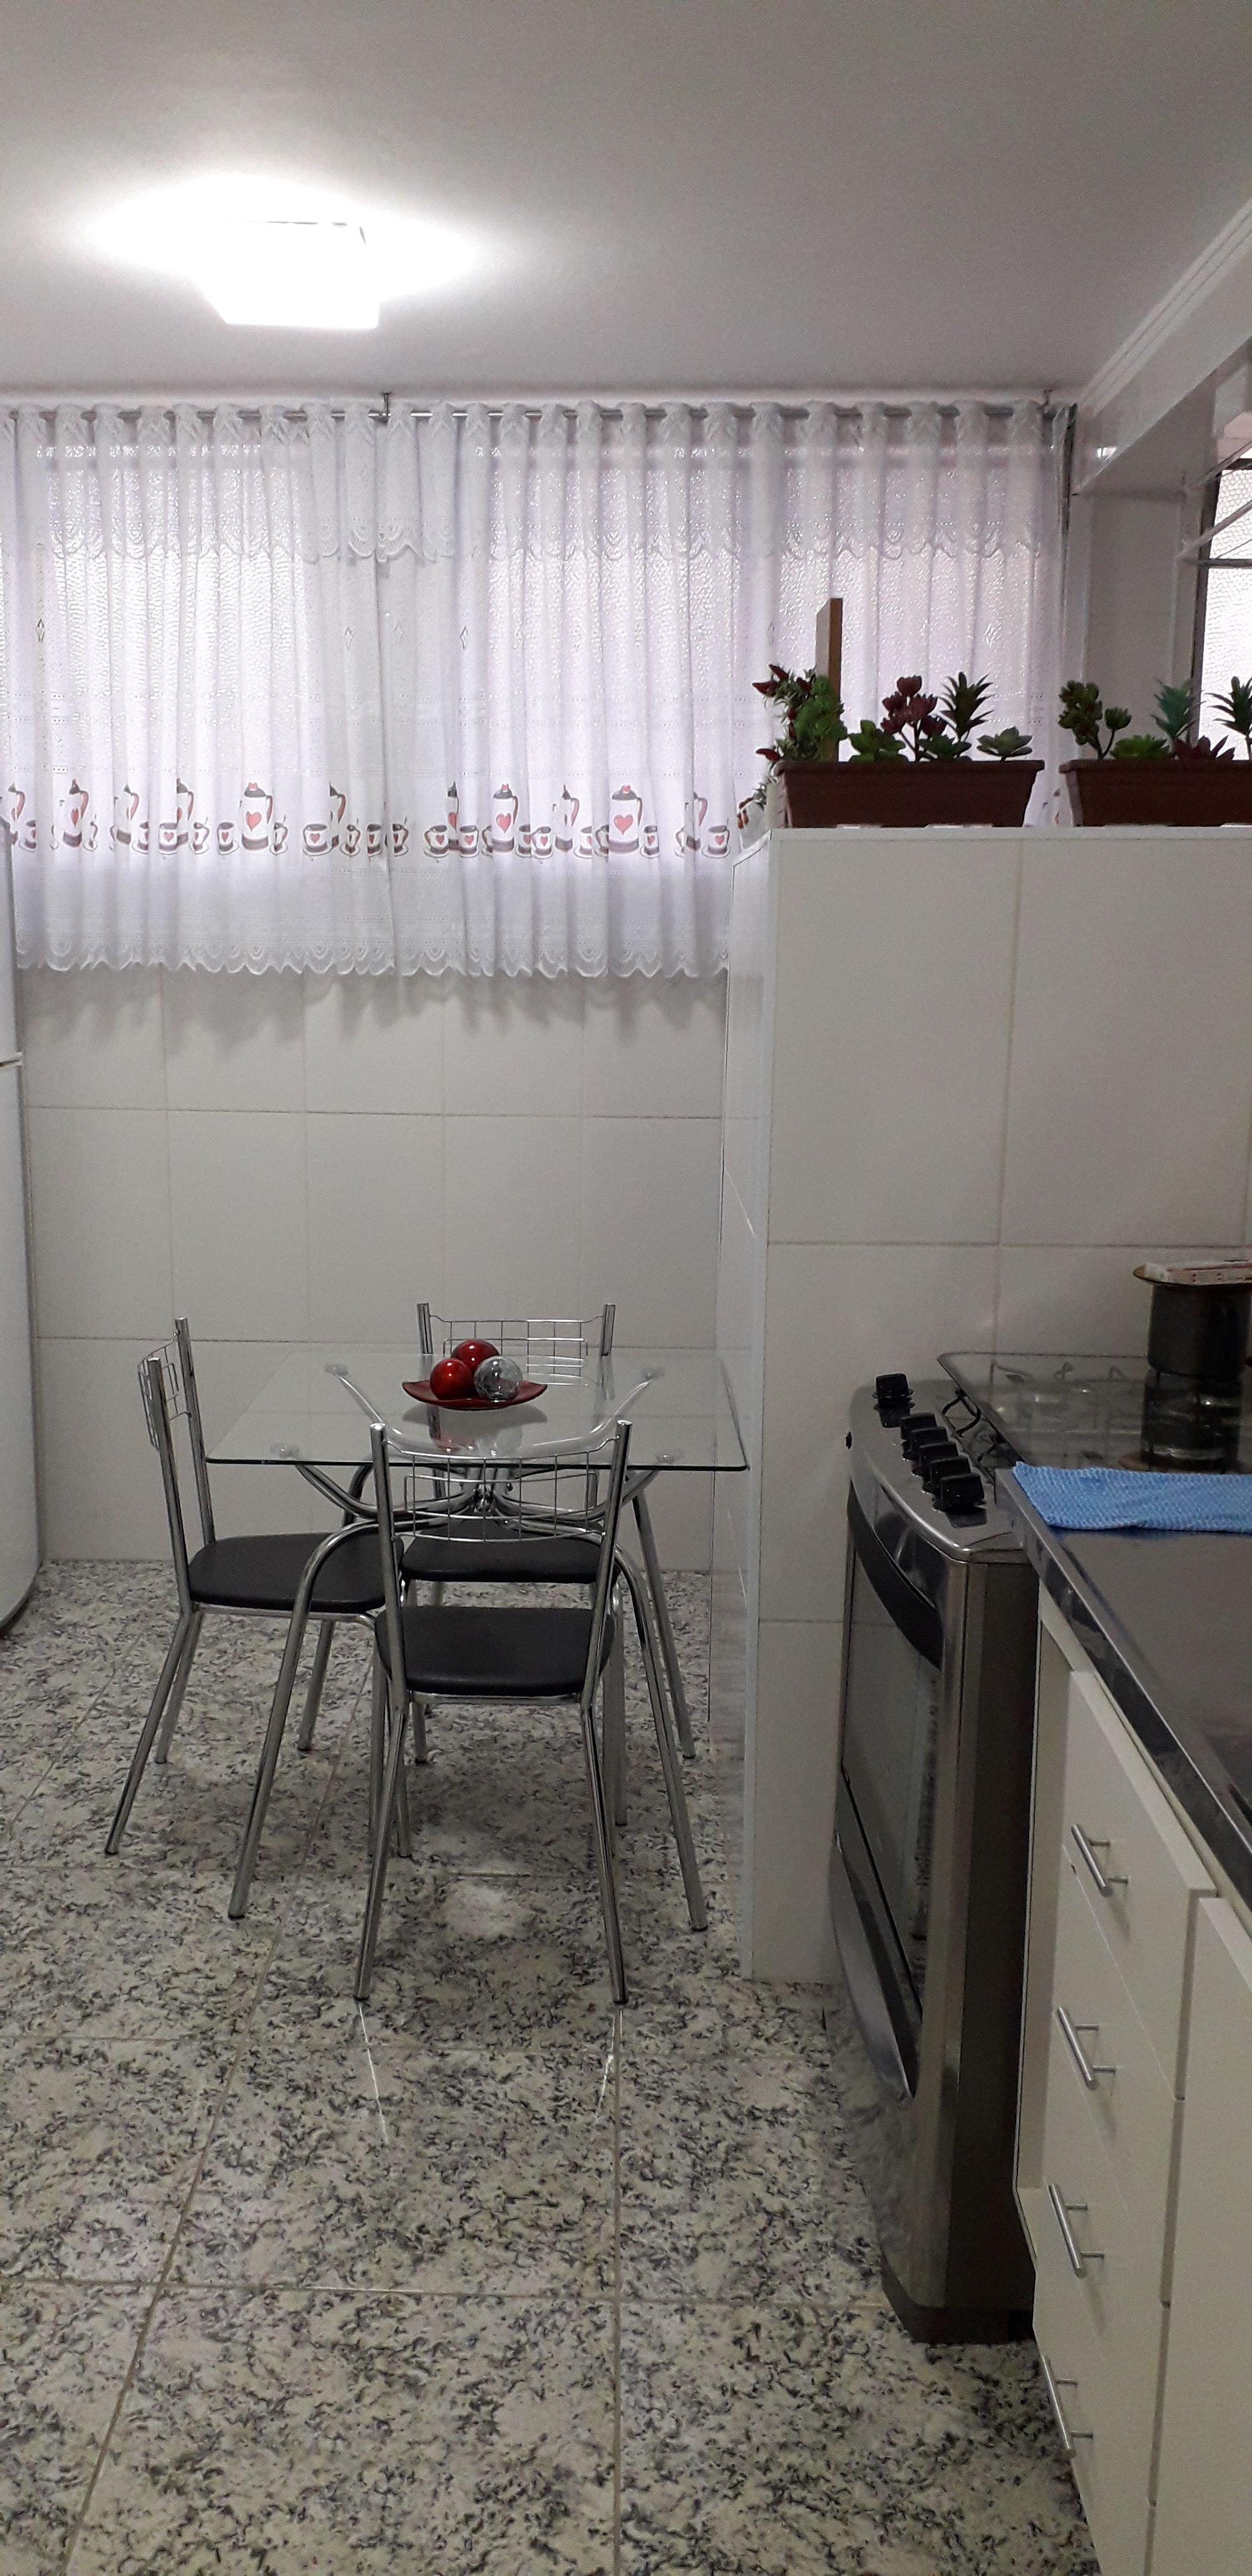 Foto de Cozinha com forno, cadeira